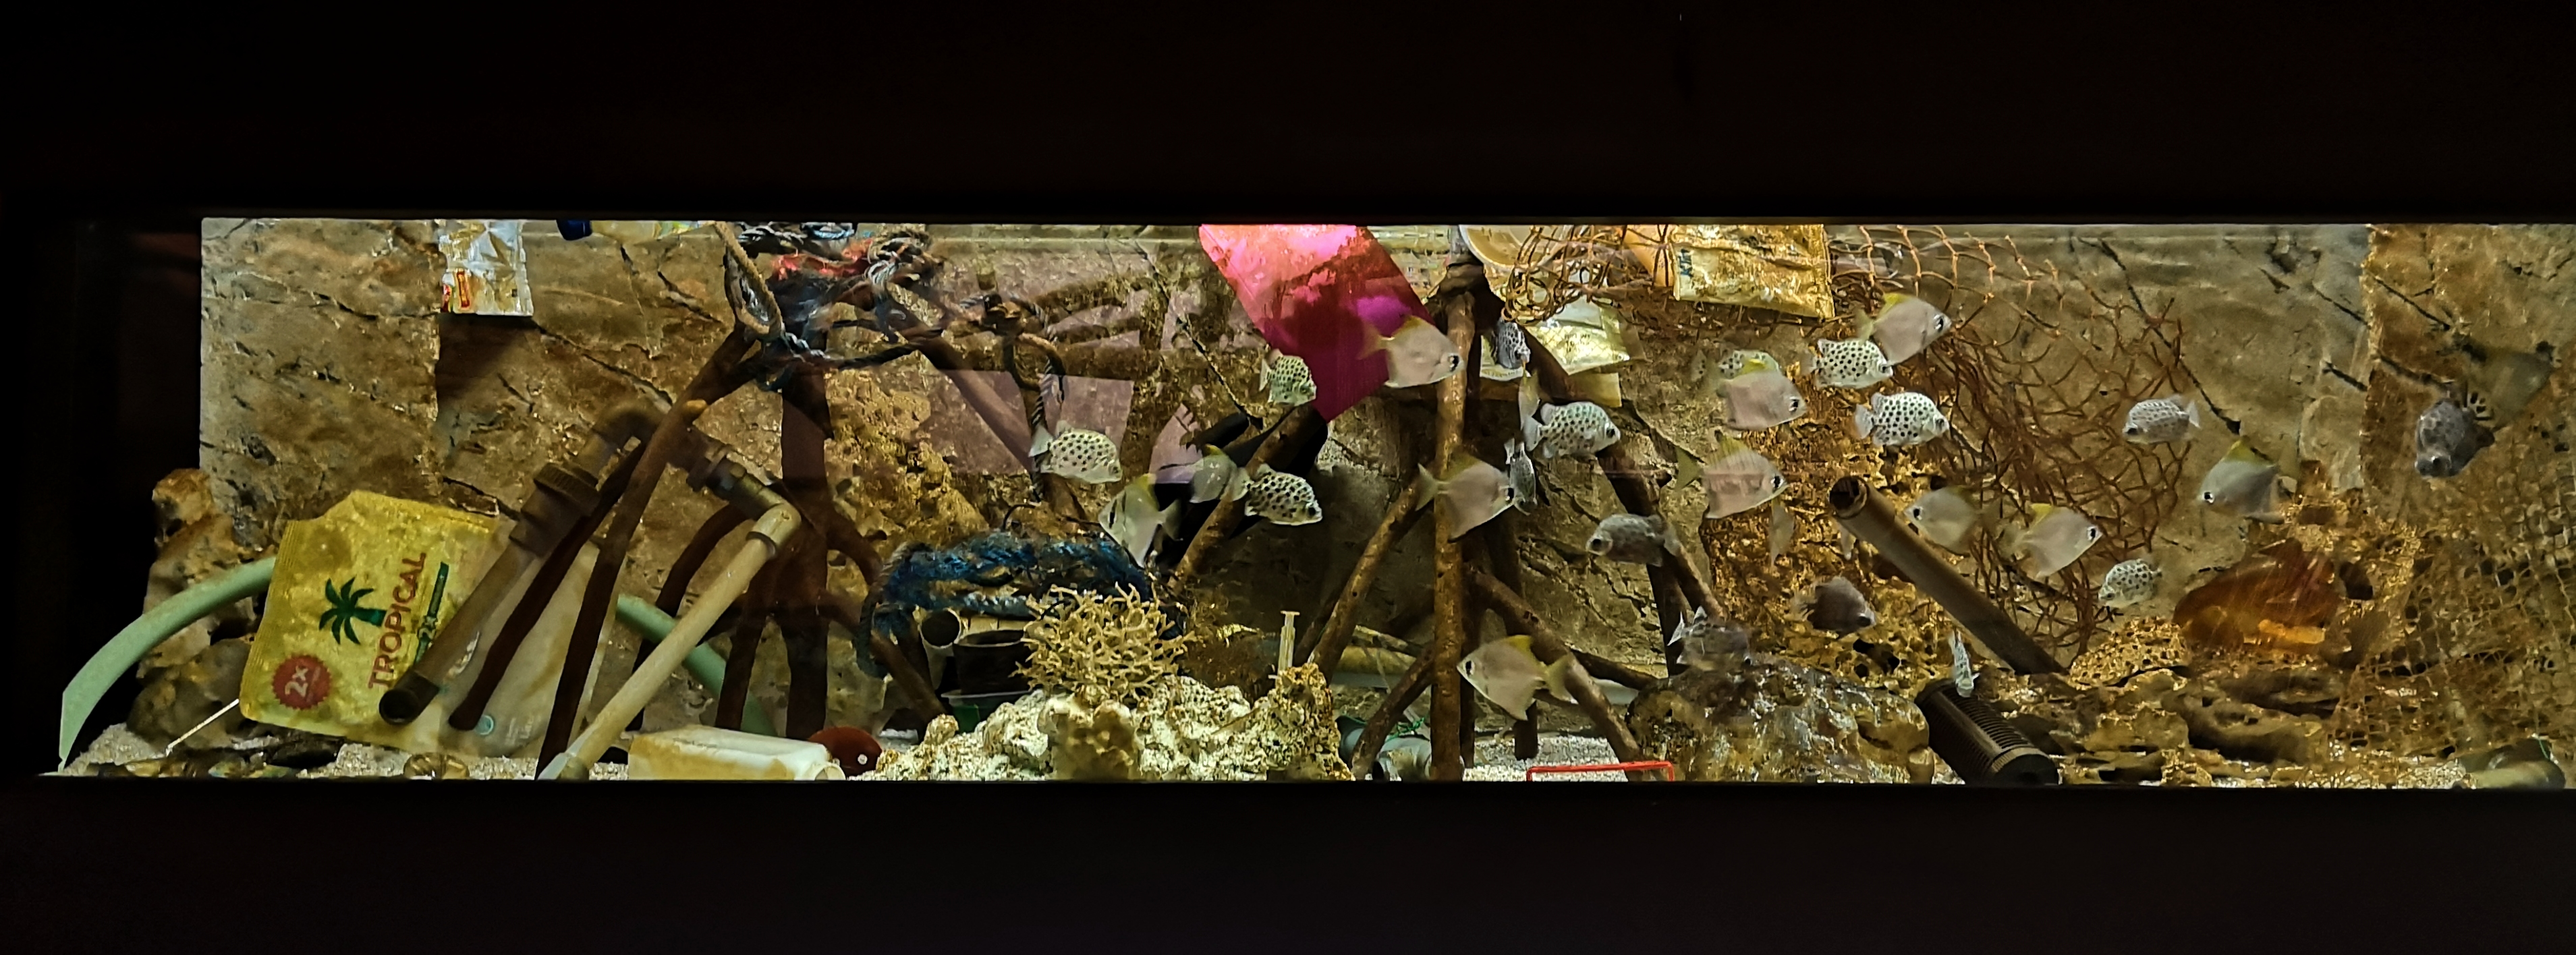 akváriumsplasty1_FotoZooBrno